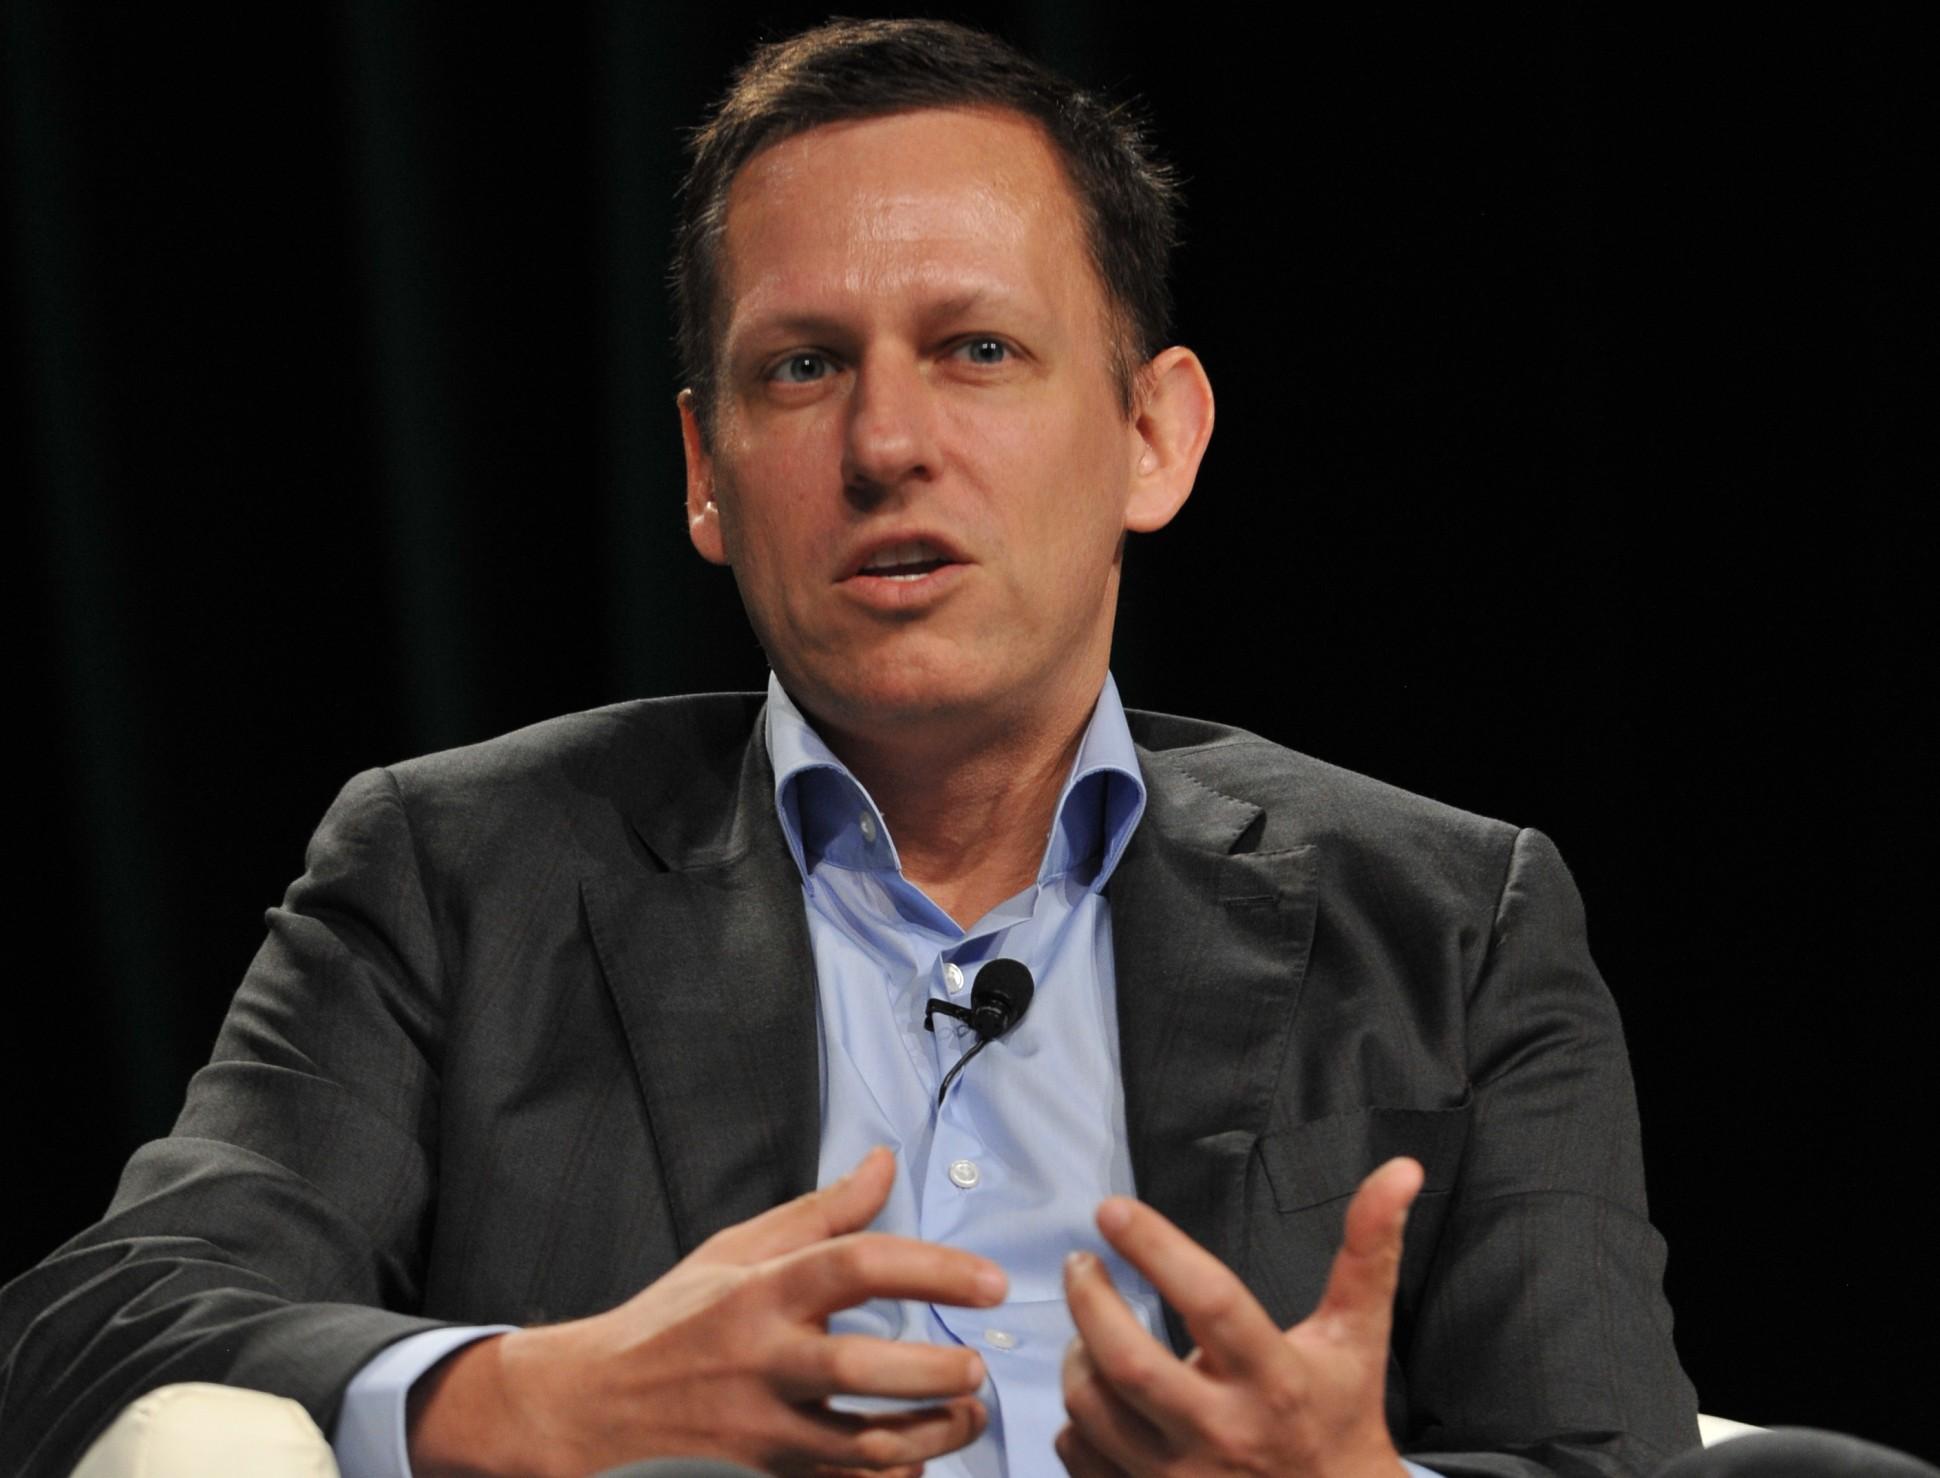 Peter Thiel apple